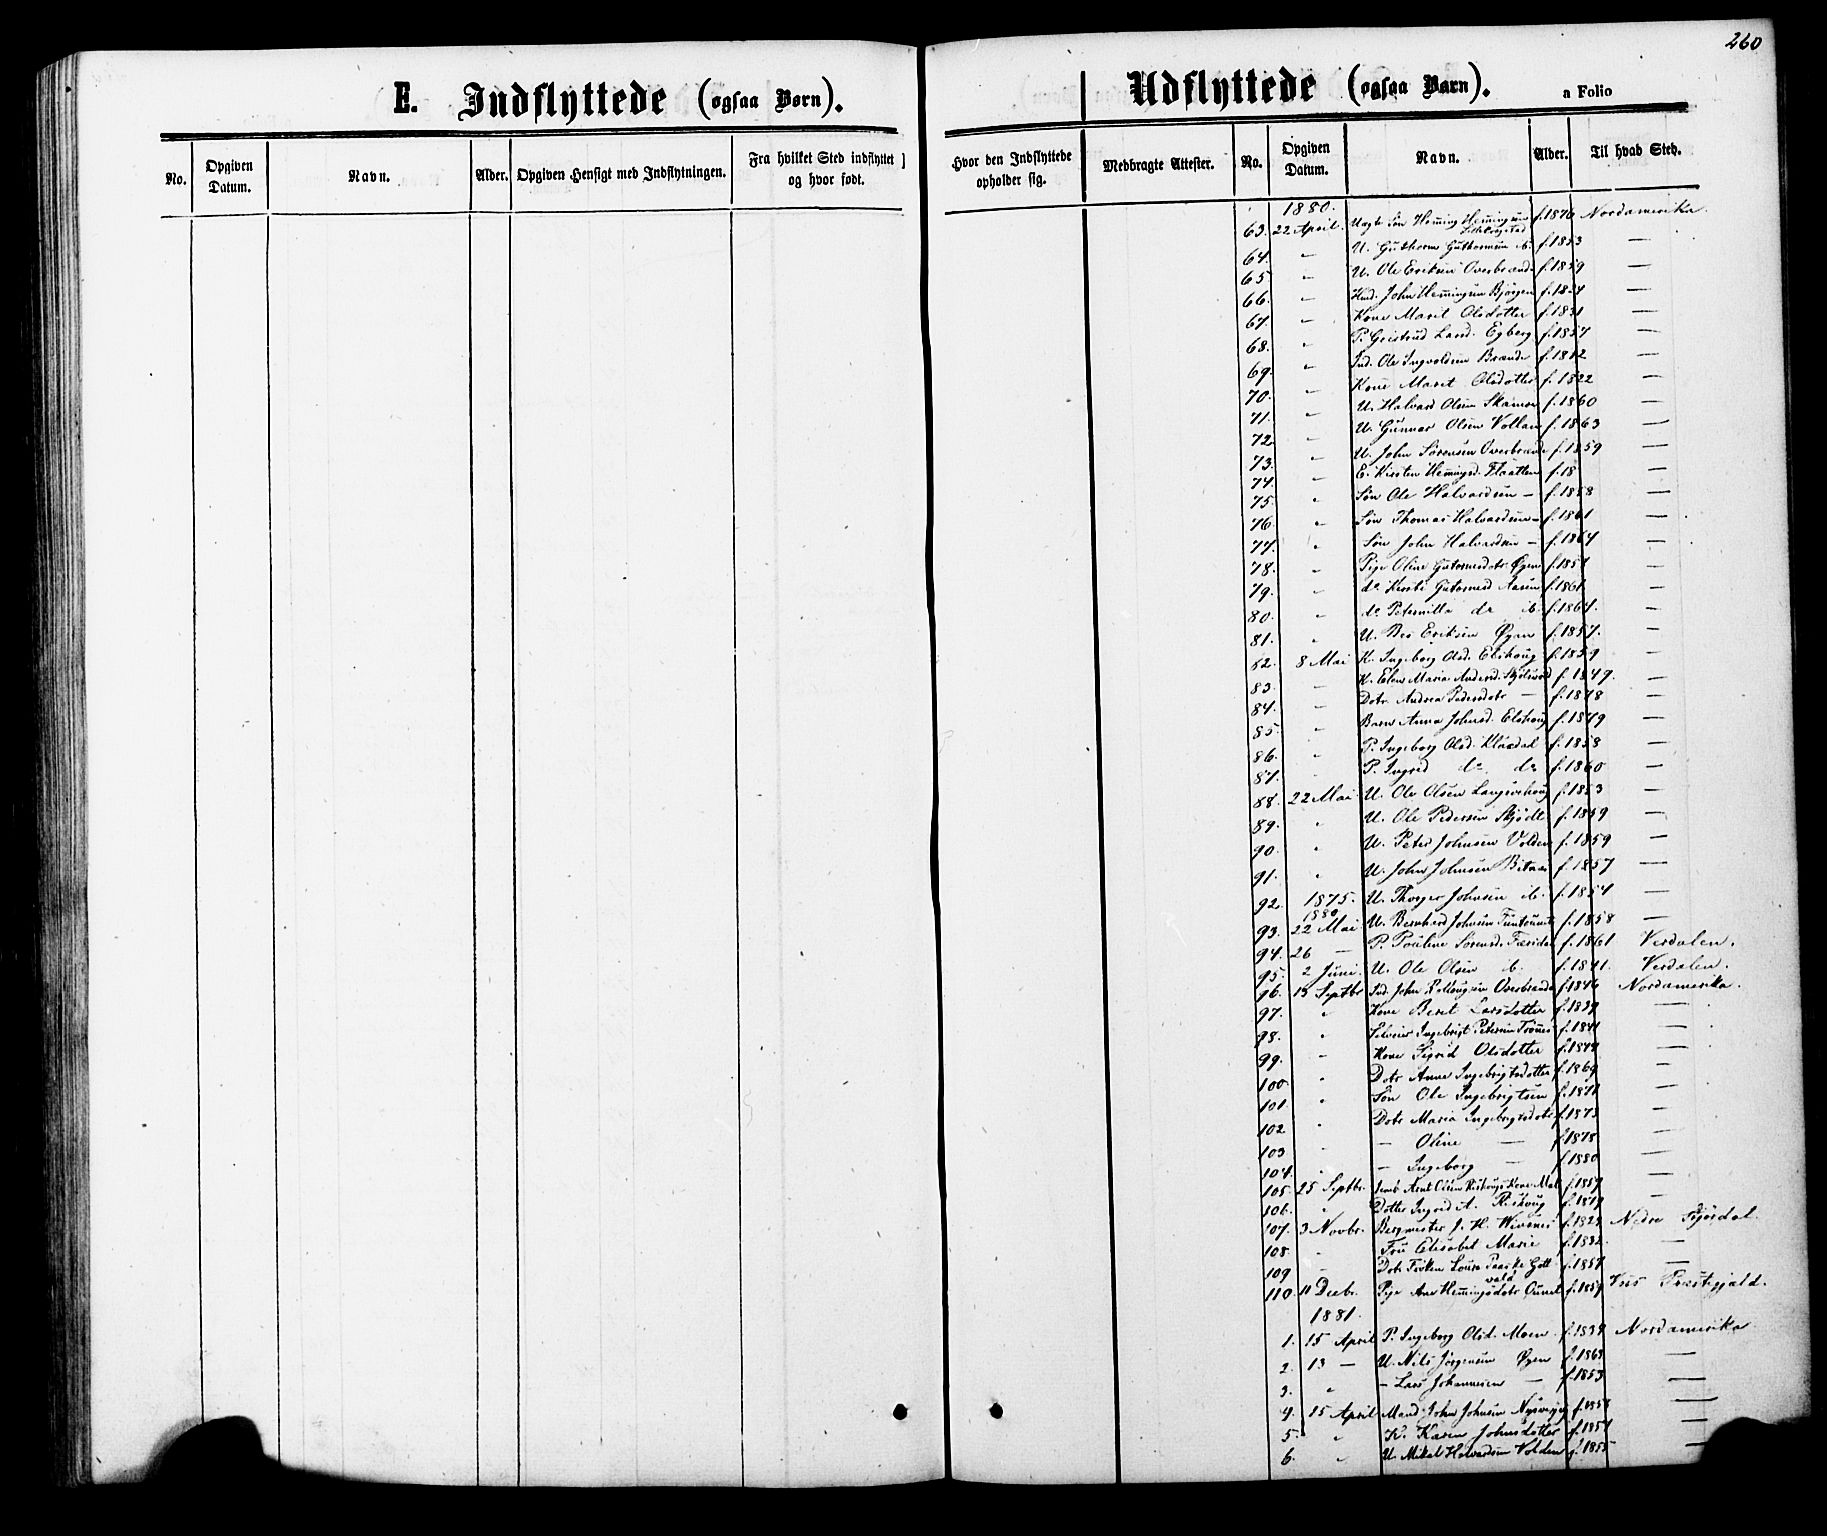 SAT, Ministerialprotokoller, klokkerbøker og fødselsregistre - Nord-Trøndelag, 706/L0049: Klokkerbok nr. 706C01, 1864-1895, s. 260